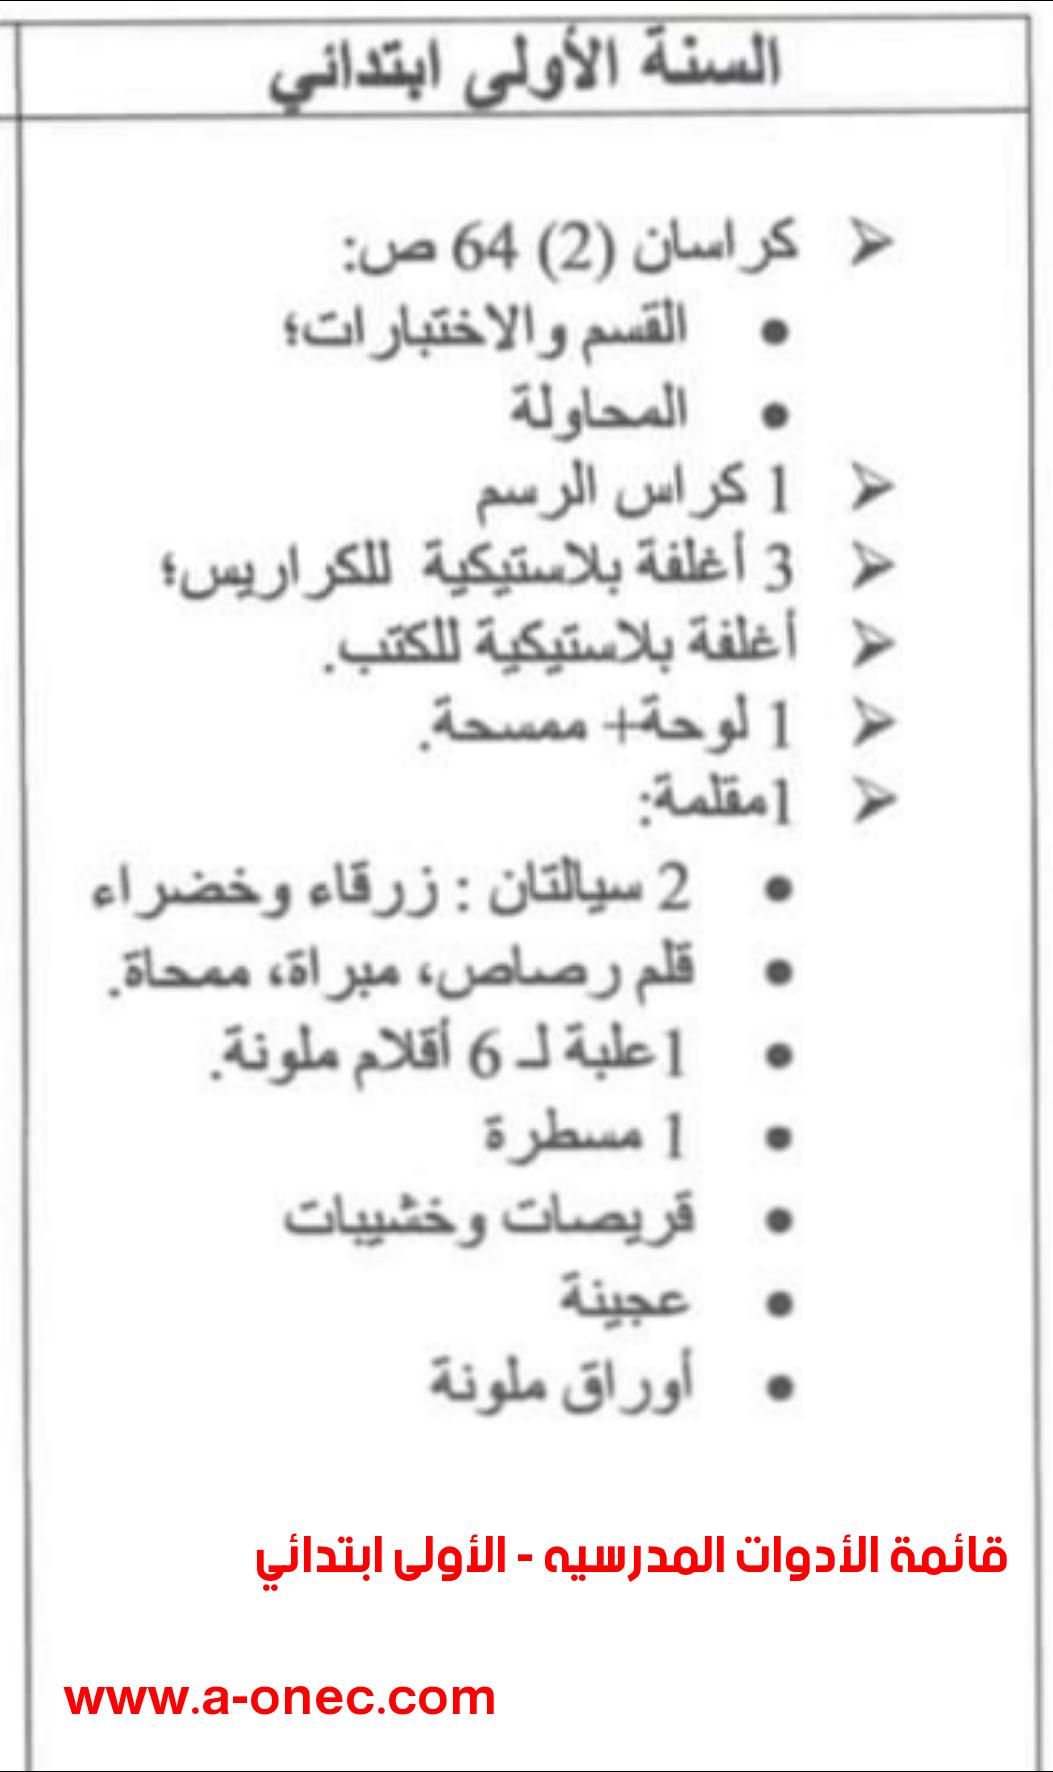 قائمة الادوات المدرسية الرسمية للسنة الأولى ابتدائي